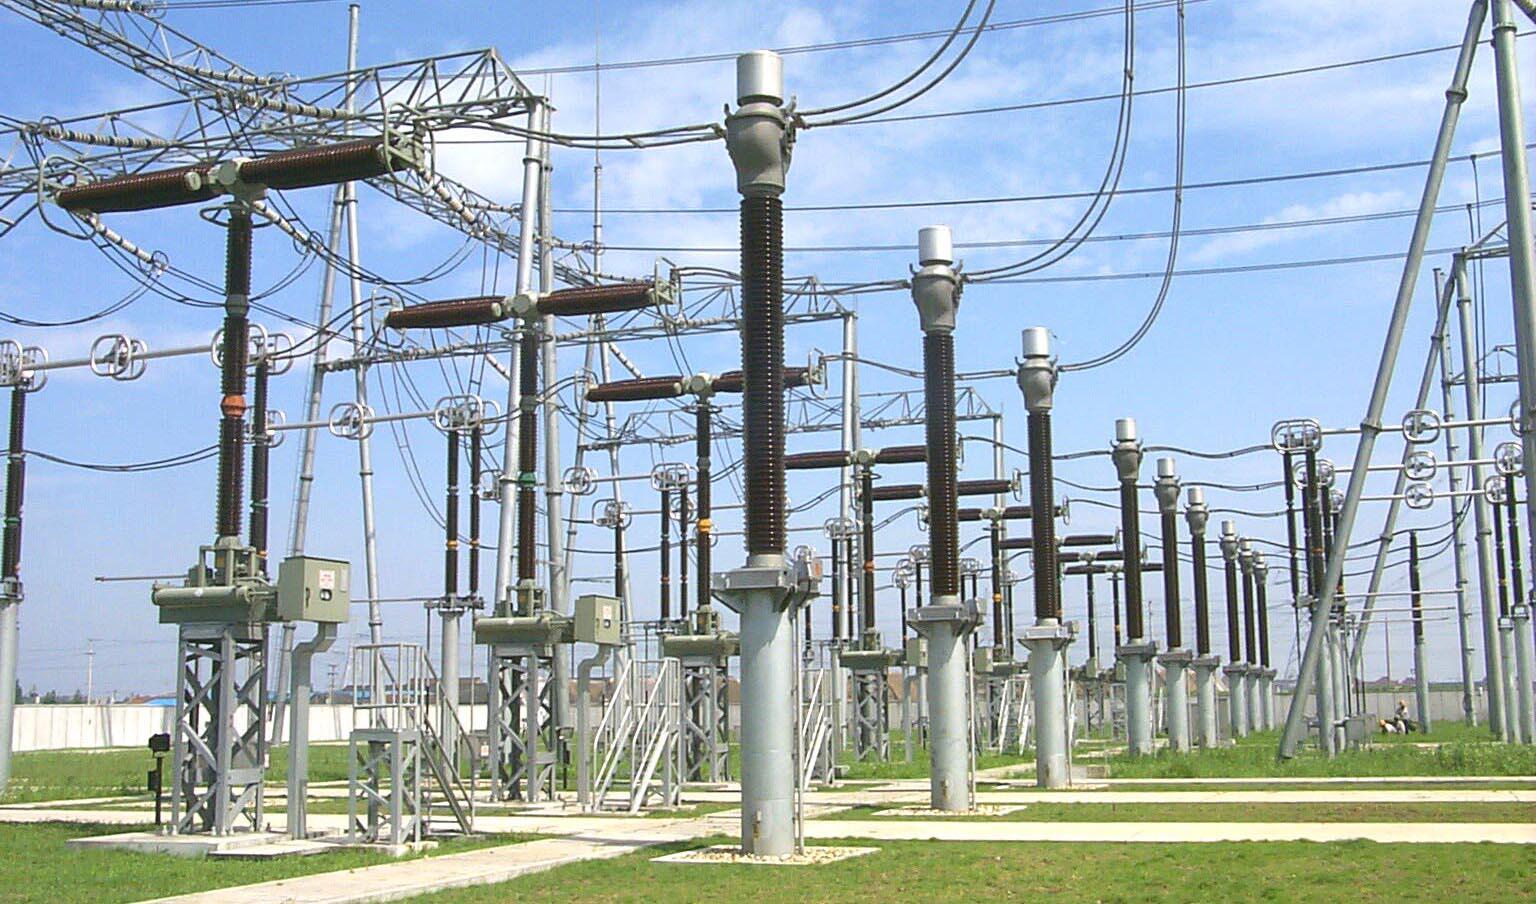 کدام صنایع مشمول افزایش تعرفه هستند؟/برق رایگان برای۷میلیون مشترک